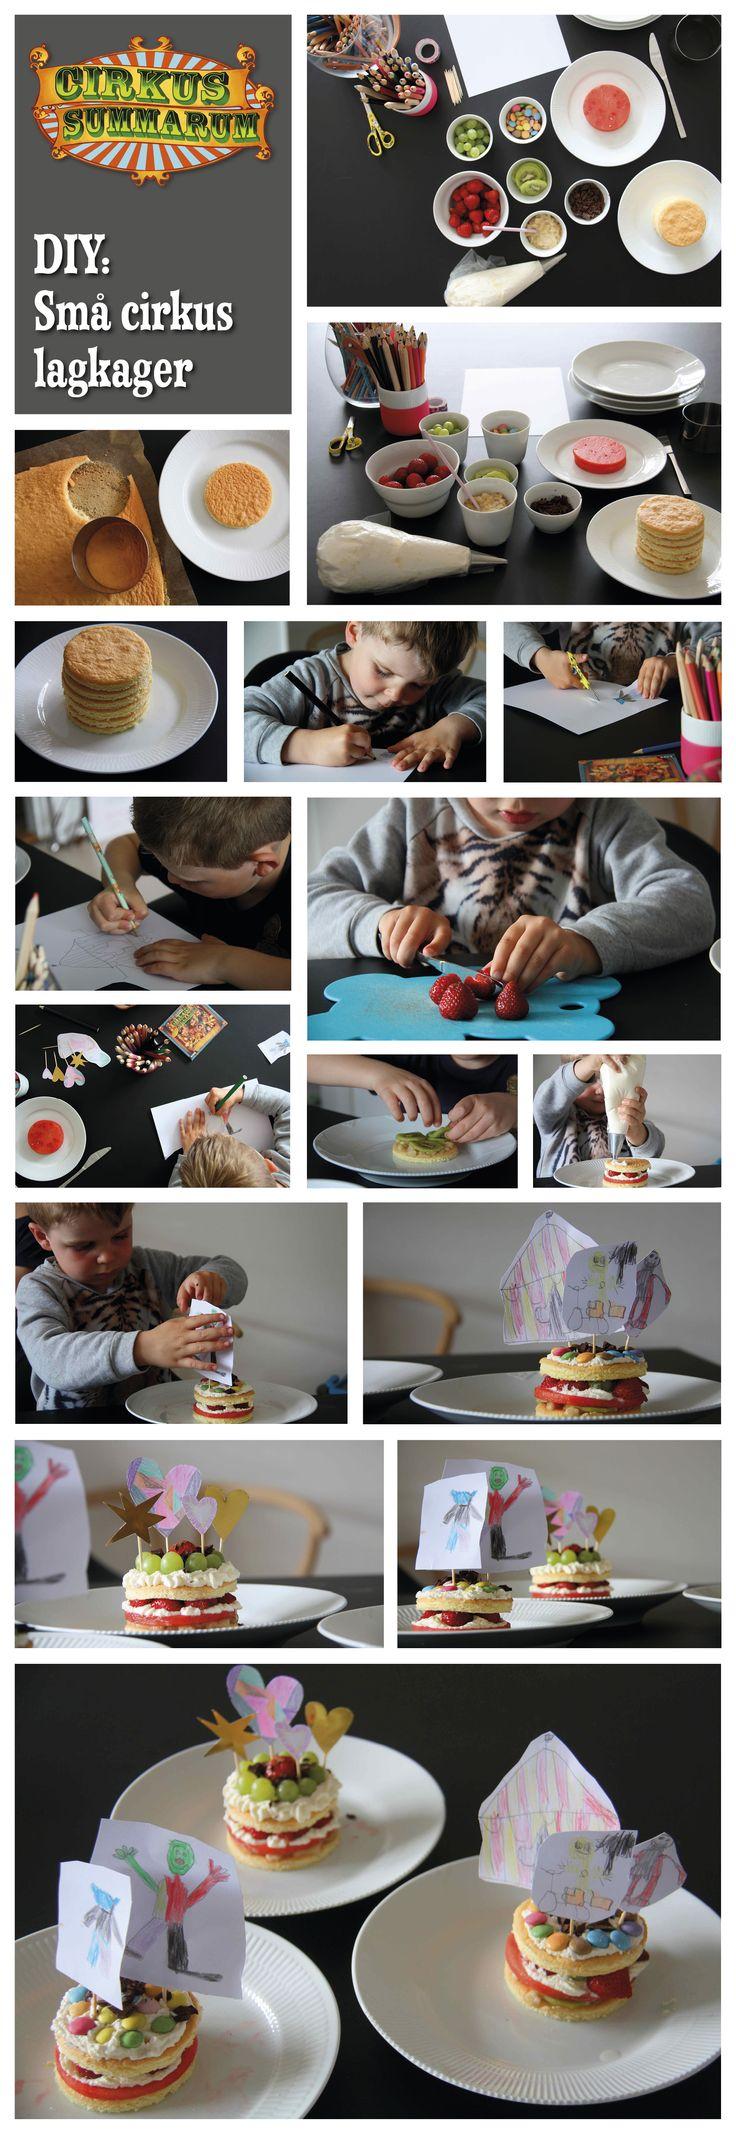 DIY dine egen små cirkus-lagkager. Læs mere på www.cirkussummarum.dk. DIY'en er lavet af @pernillebang